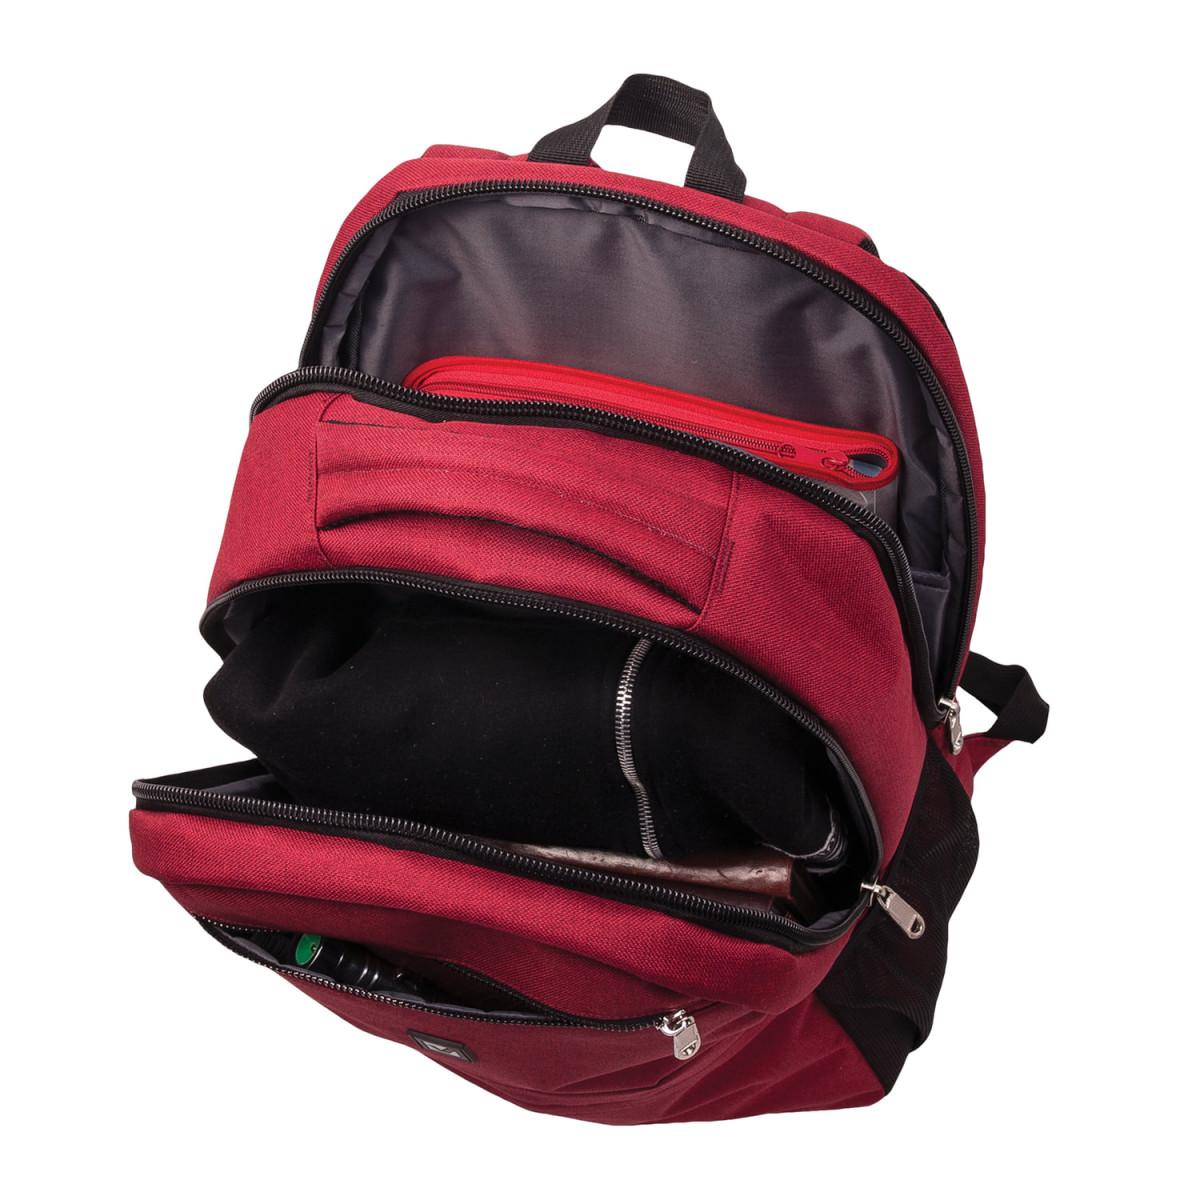 """Рюкзак BRAUBERG универсальный с отделением для ноутбука, """"Формула"""", 29 литров, 49х34х17 см, 226350 (арт. 226350)"""